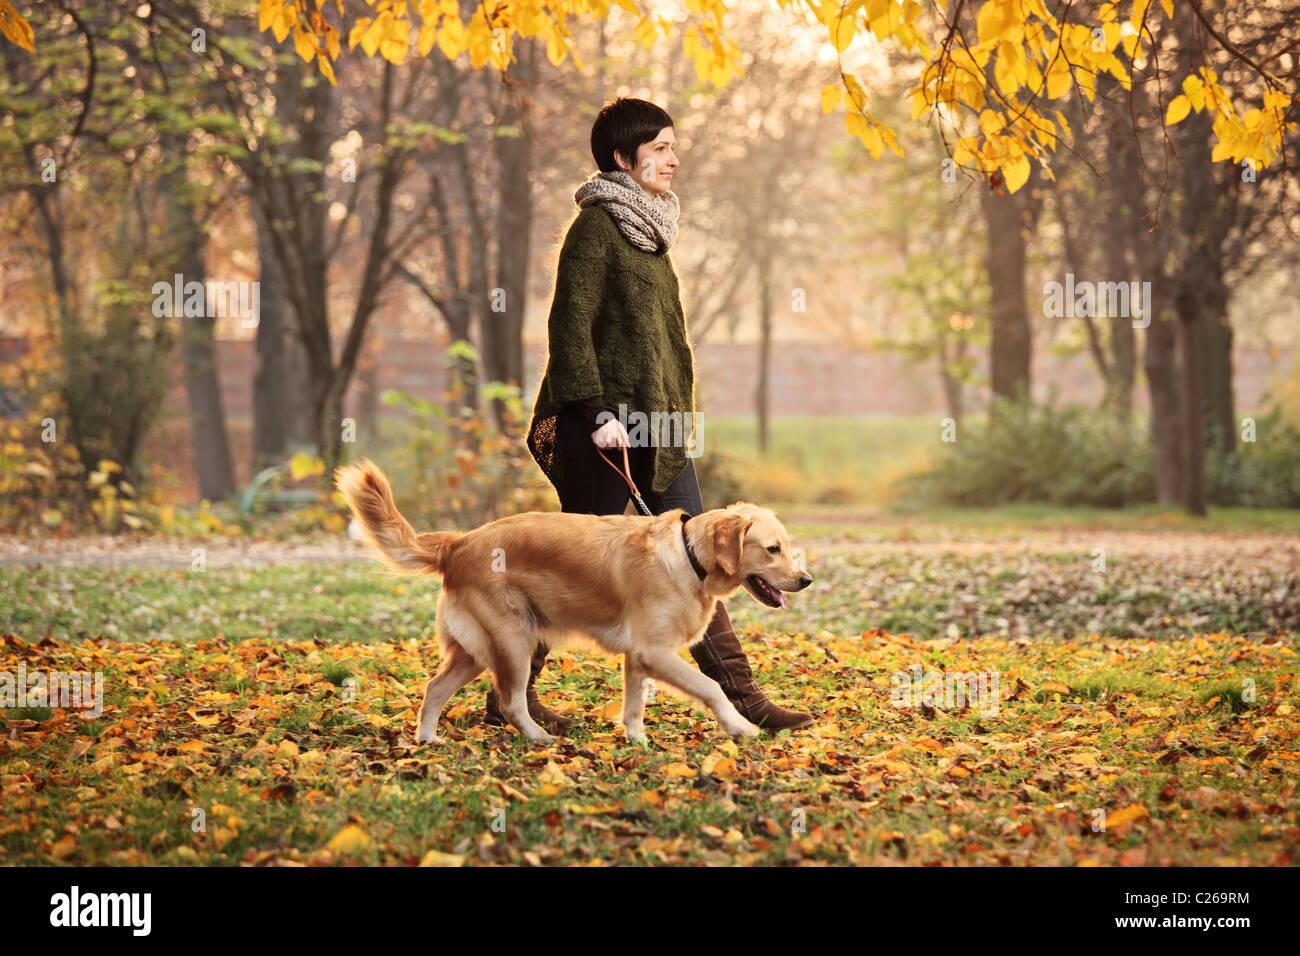 Ein Mädchen und ihr Hund (Labrador Retriever) in einem Park spazieren Stockbild